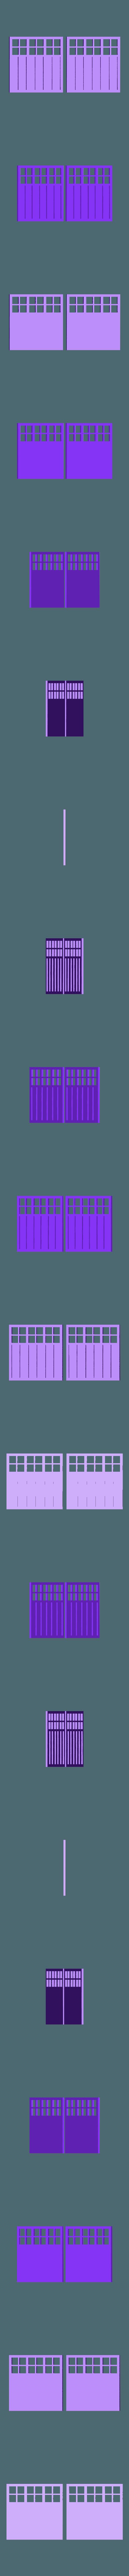 Garage_Door_Frame.stl Télécharger fichier STL gratuit Garages à l'échelle HO 28 Options • Design imprimable en 3D, kabrumble